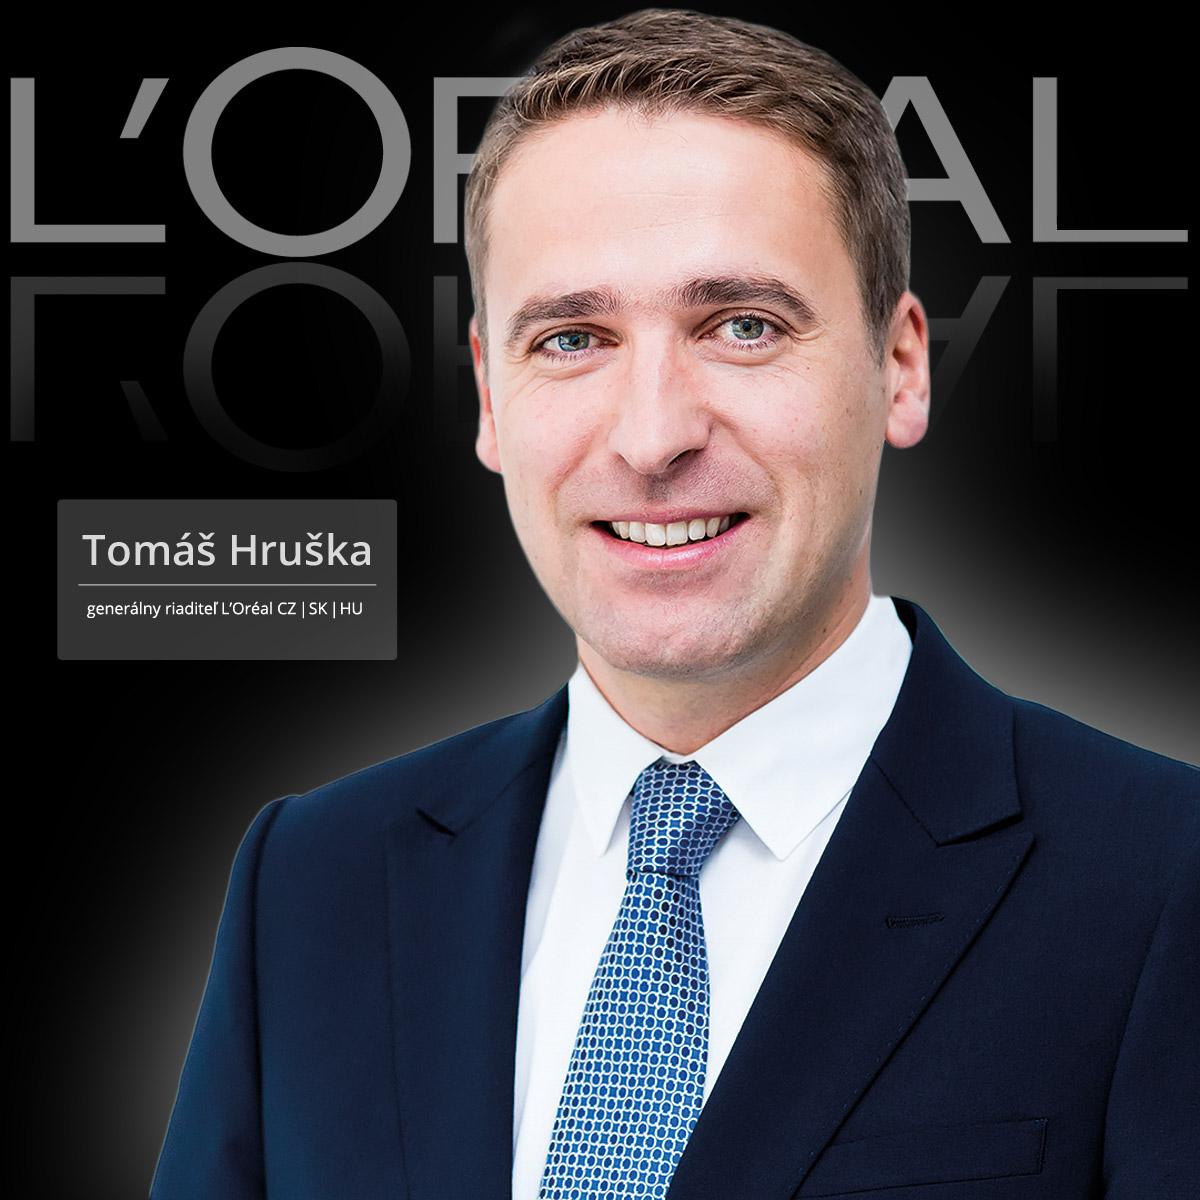 Tomáš Hruška je nový generálny riaditeľ L'Oréal pre Česko, Slovensko a Maďarsko.